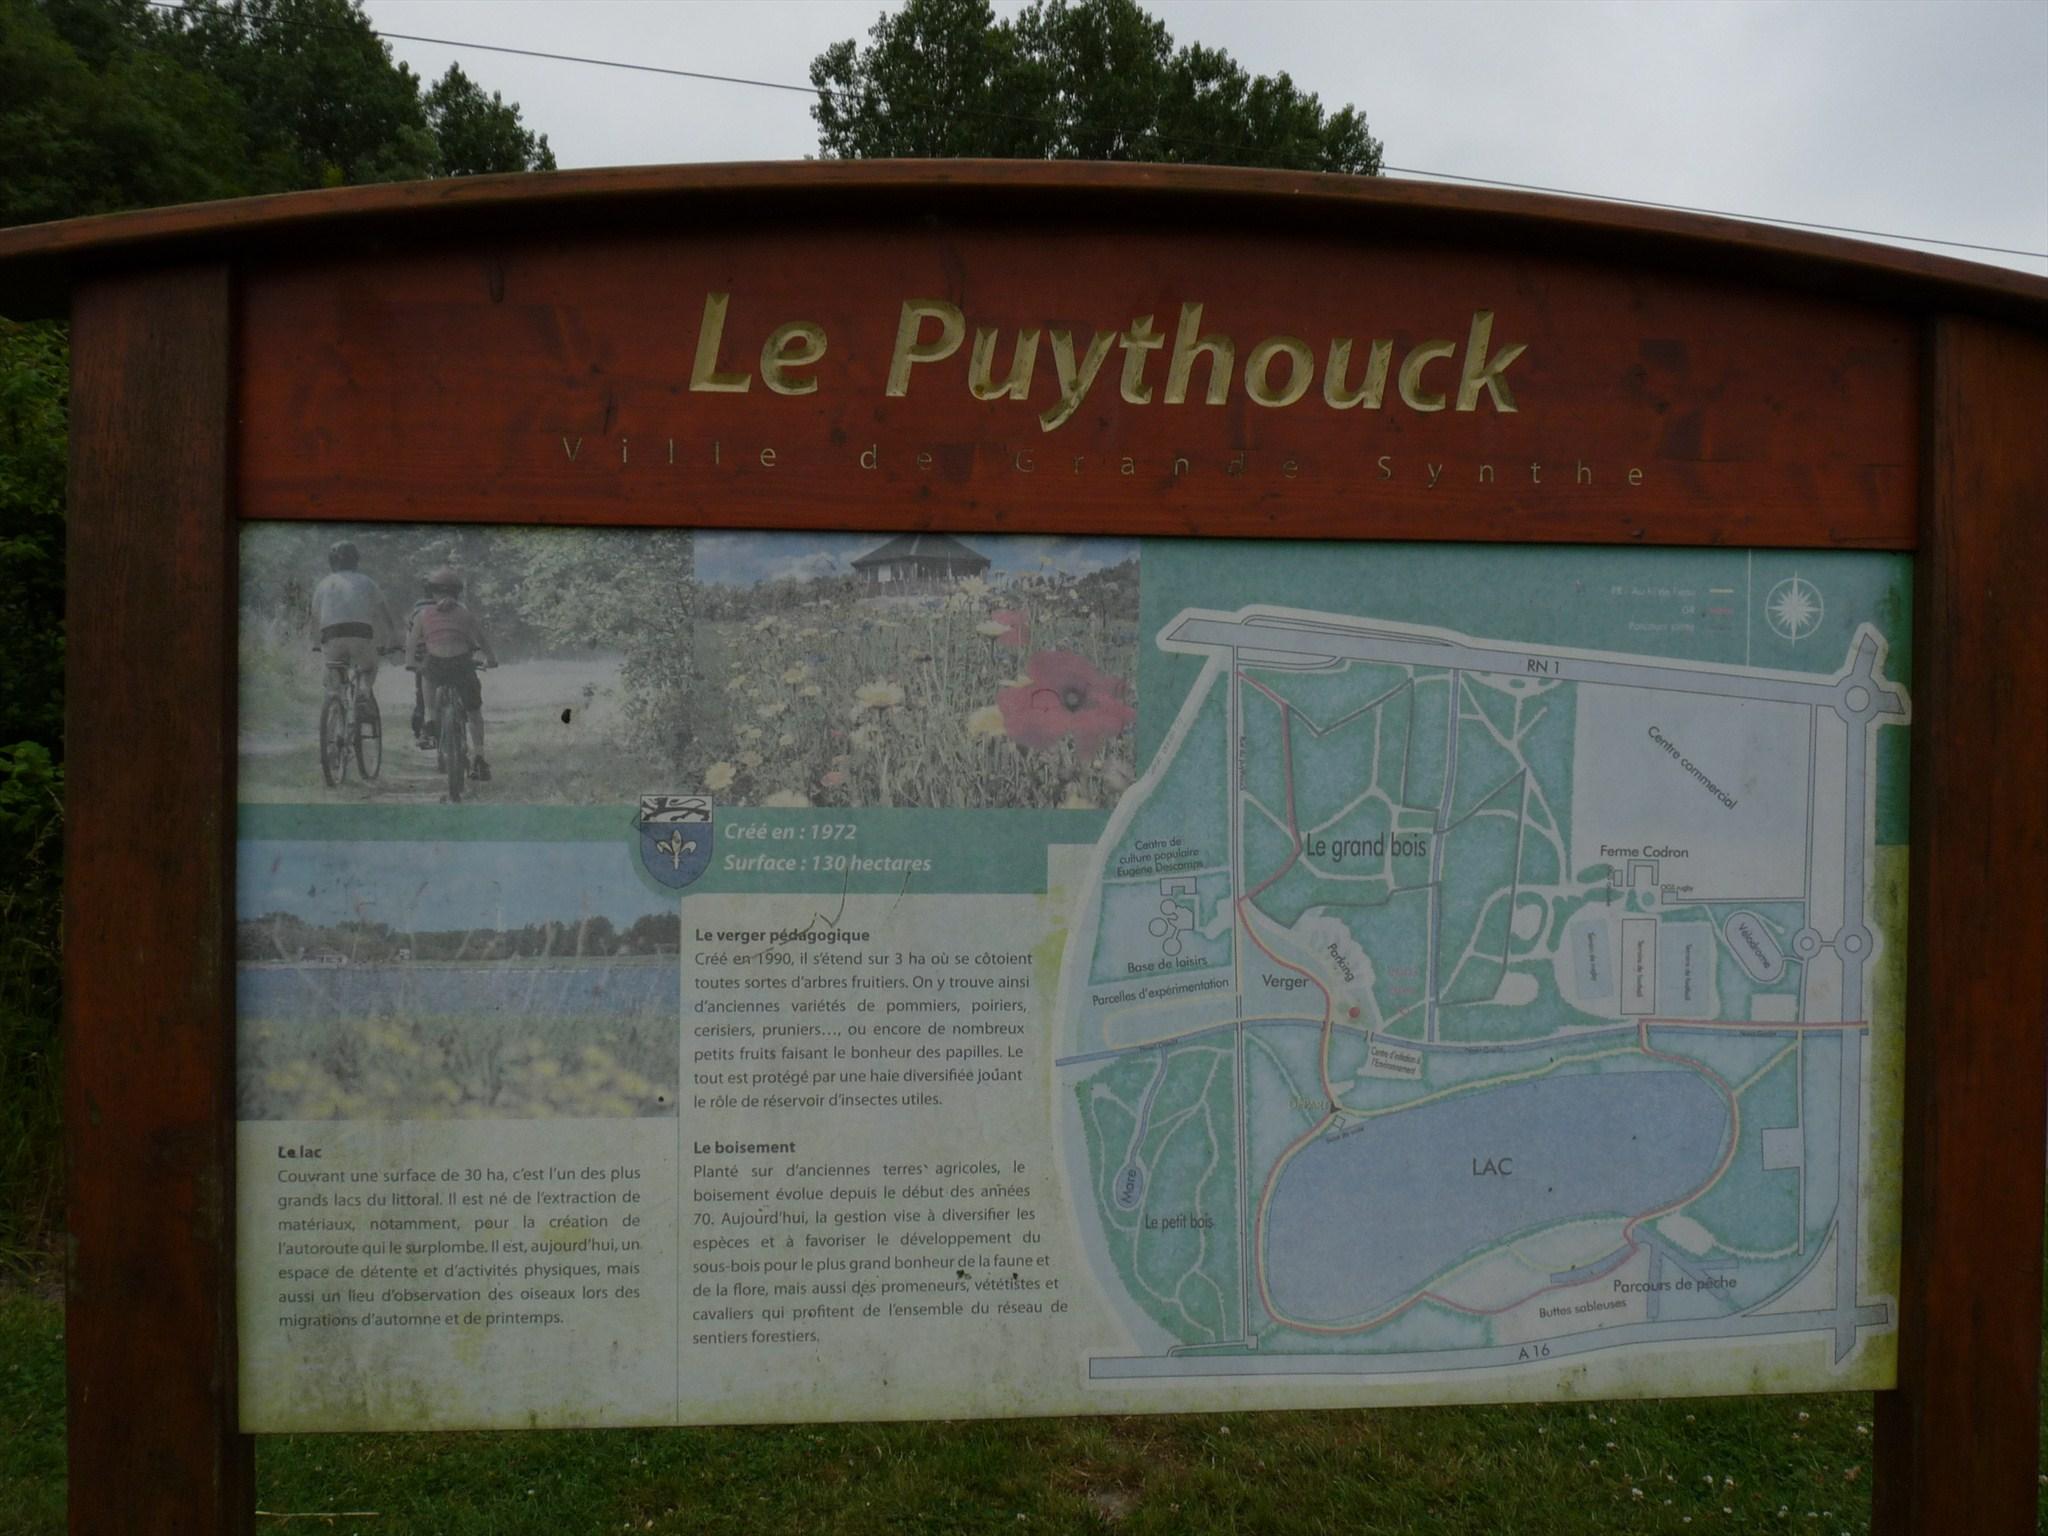 Afbeeldingsresultaat voor puythouck